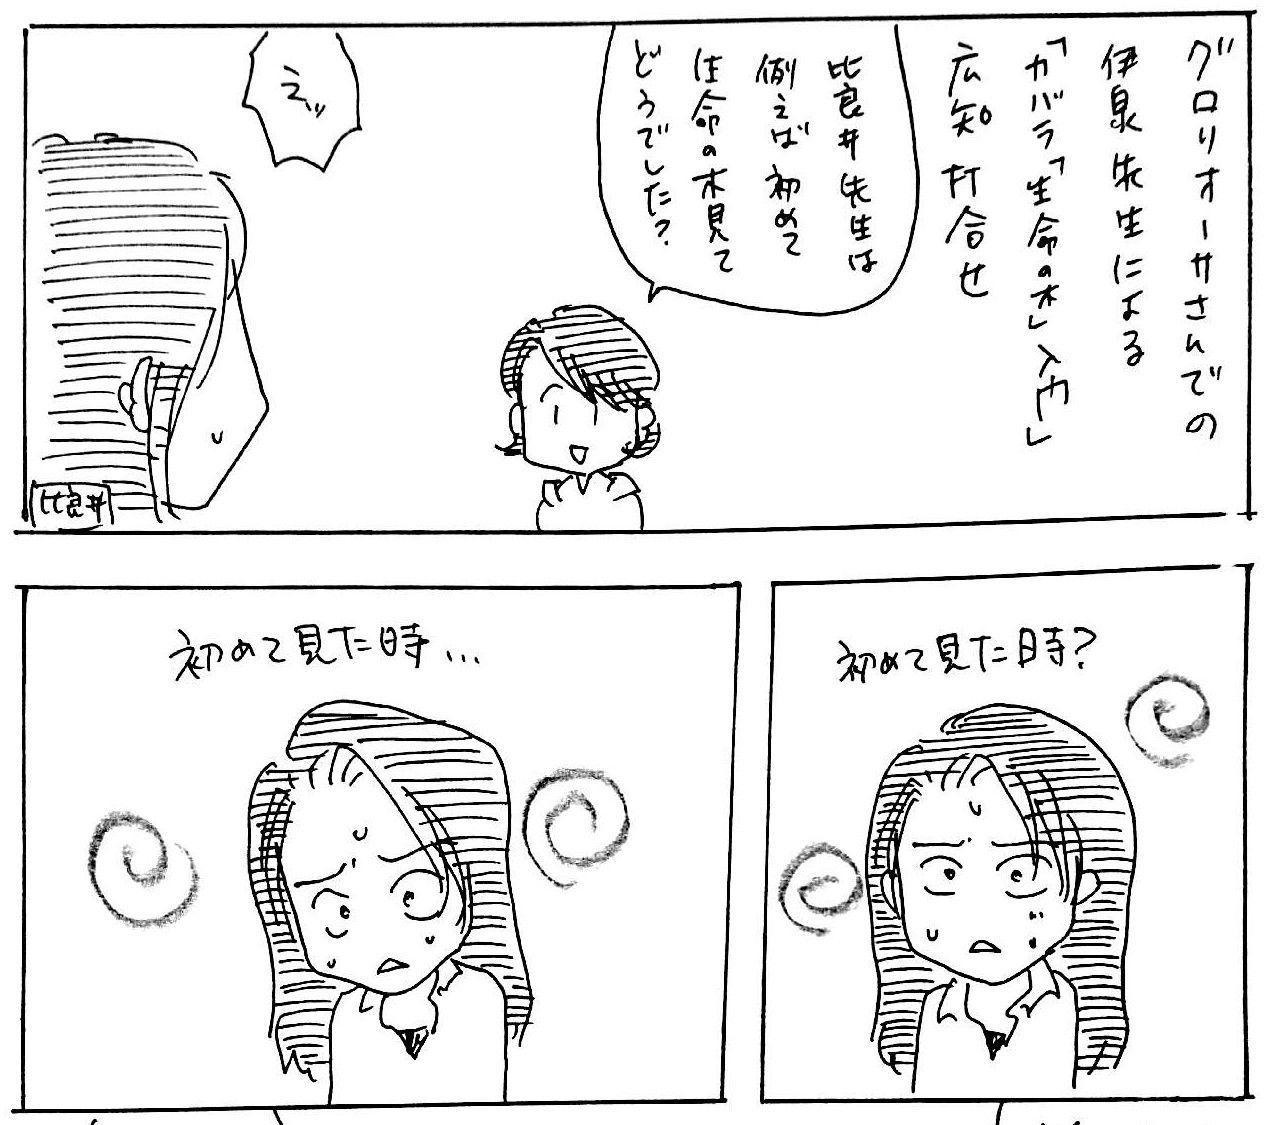 新規ドキュメント_282切り抜き